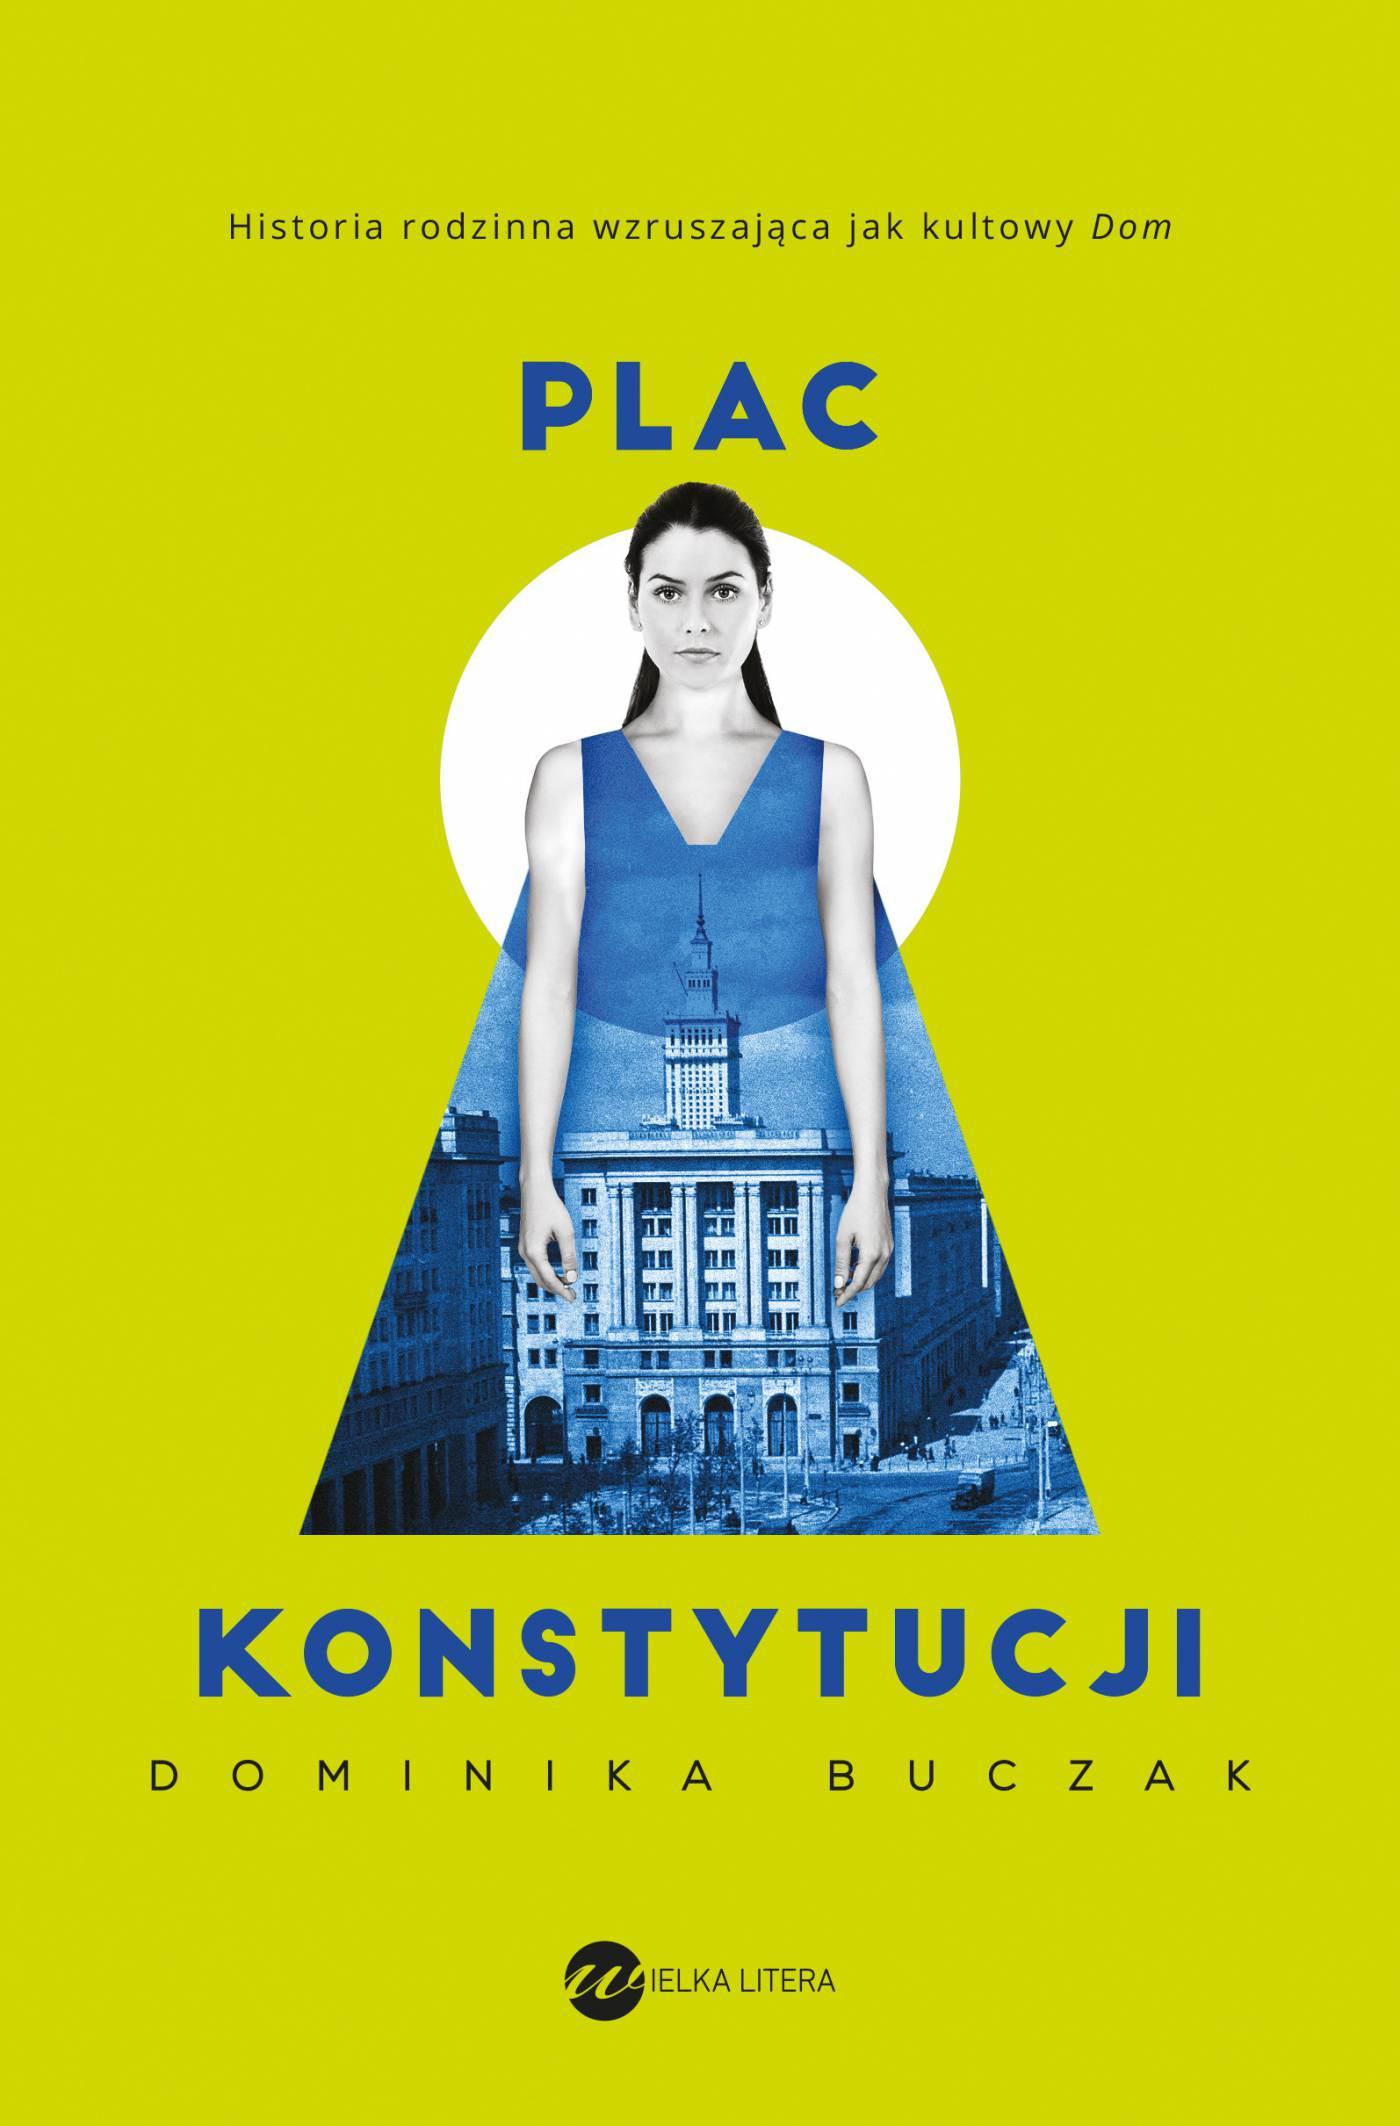 Plac Konstytucji - Ebook (Książka na Kindle) do pobrania w formacie MOBI